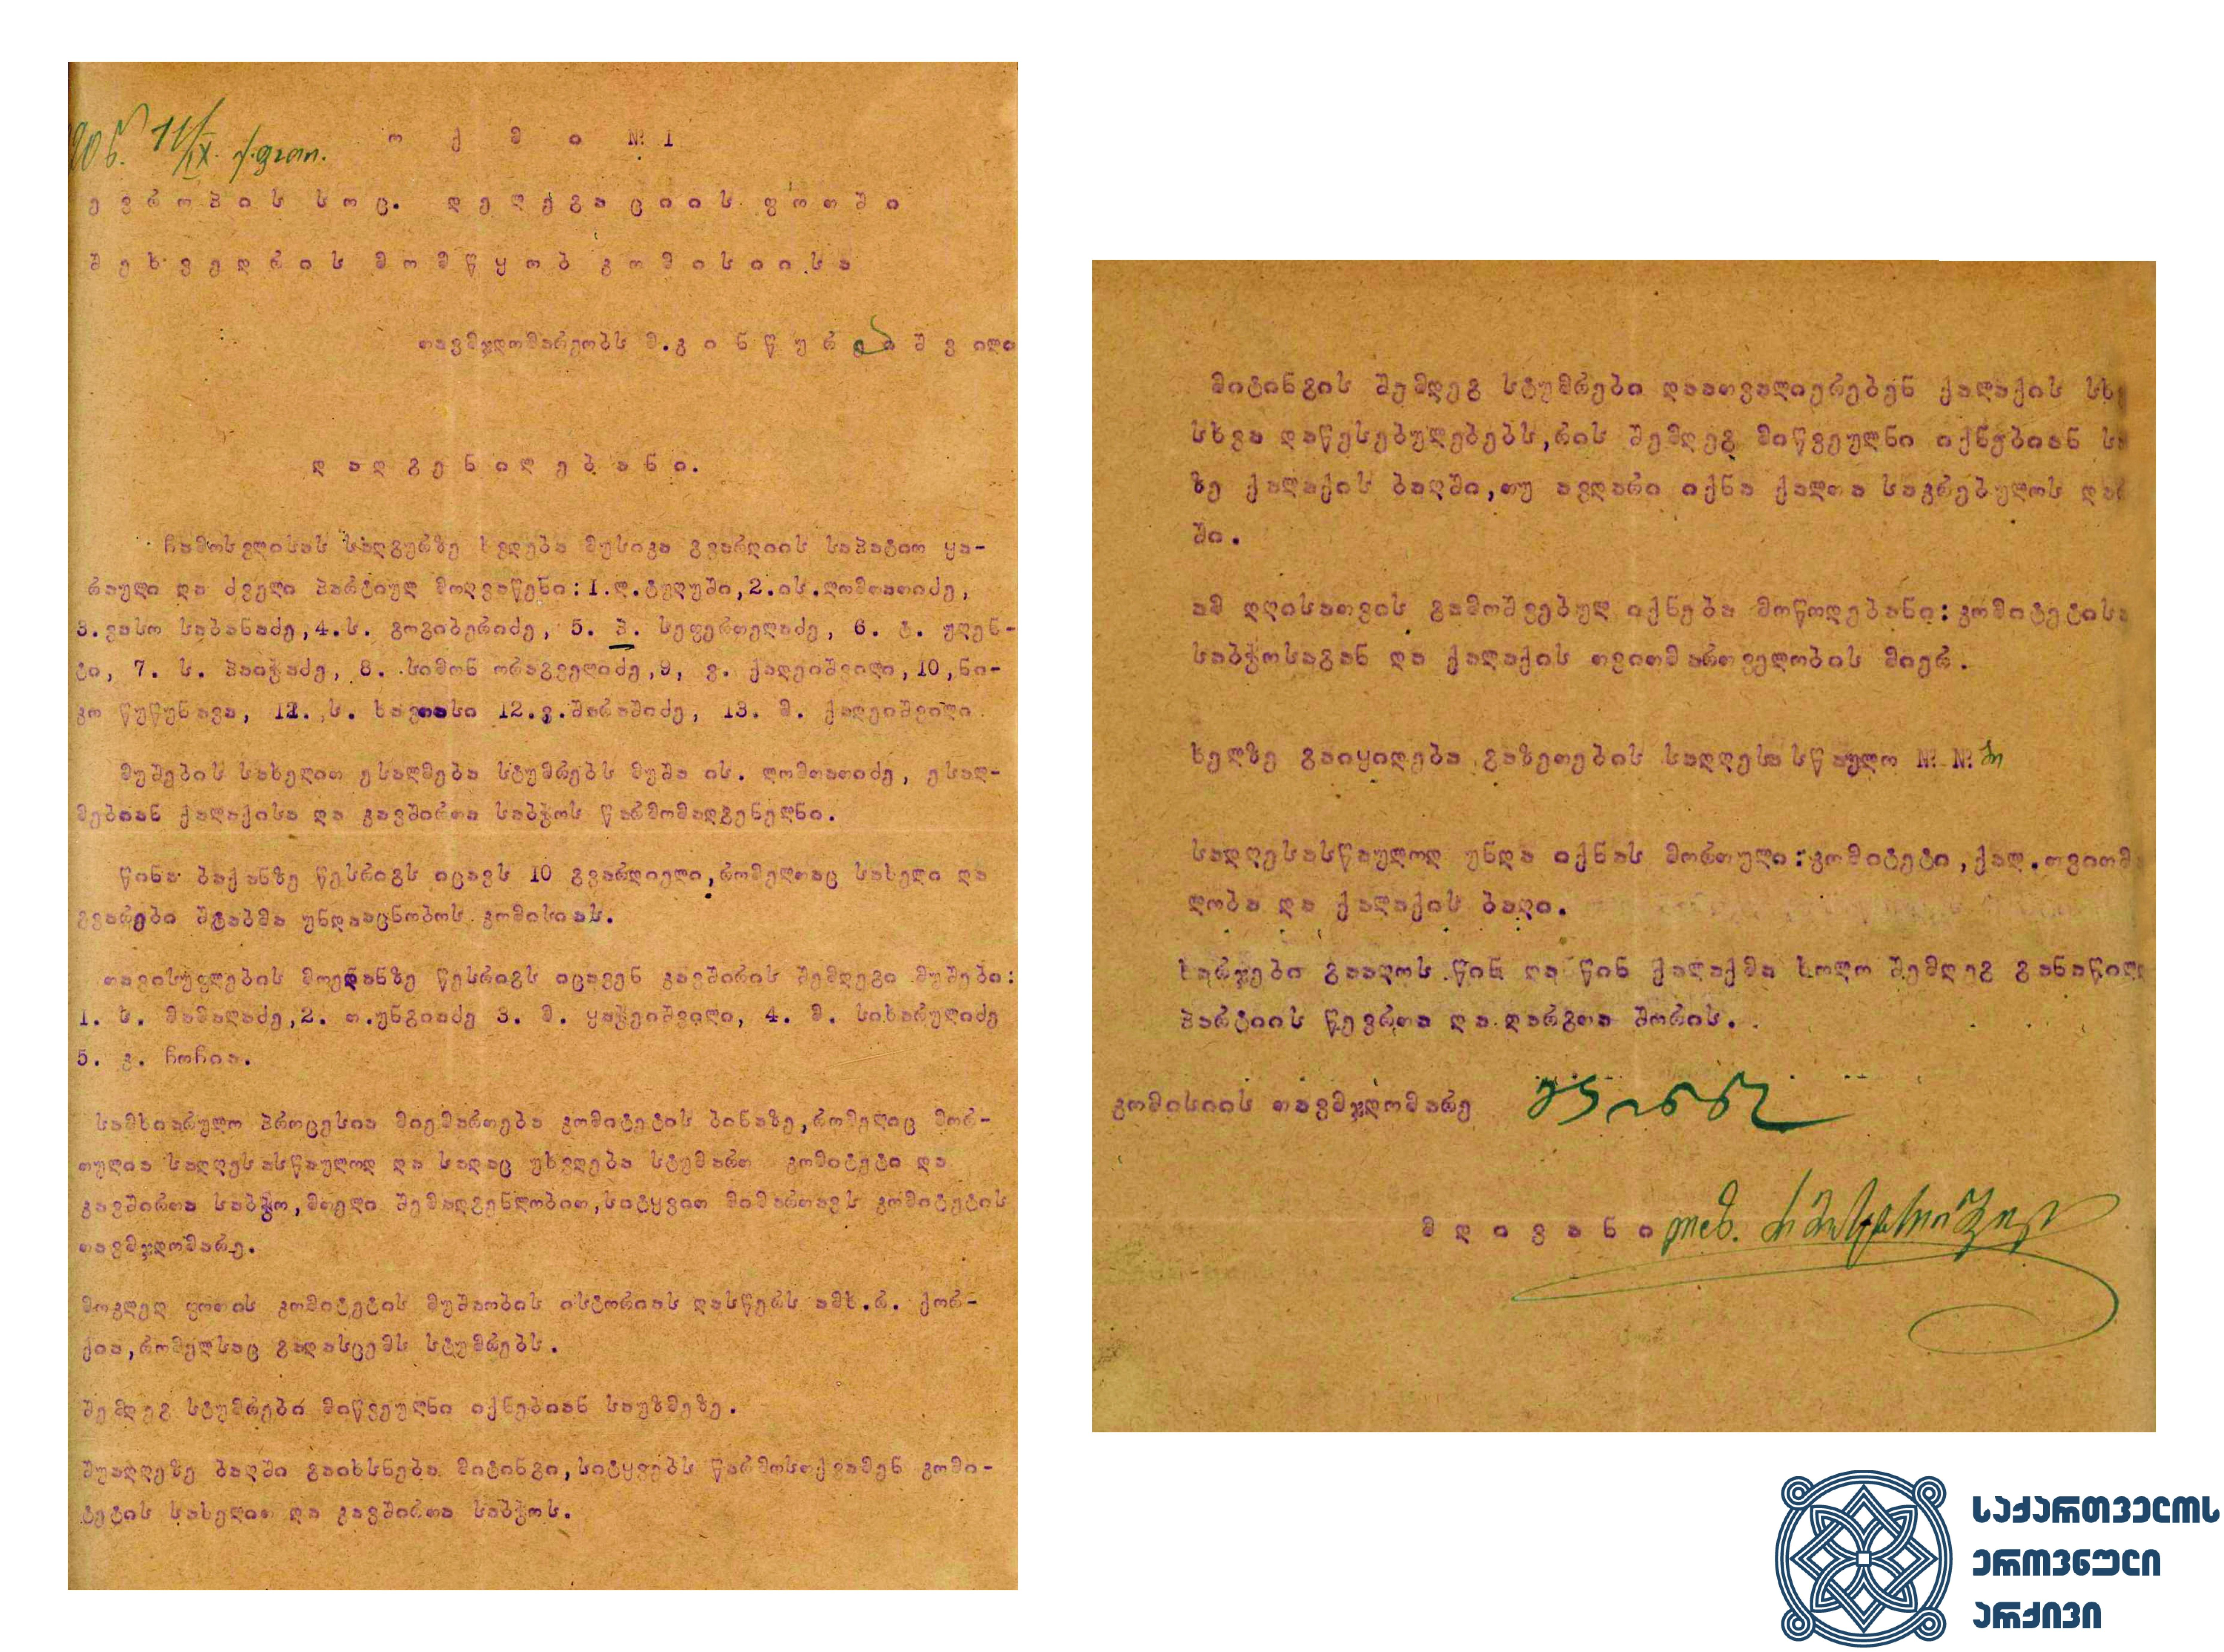 ქალაქ ფოთში მეორე სოციალისტური ინტერნაციონალის დელეგაციის  ვიზიტის პროტოკოლი. <br> Protocol of the visit of the delegation of the Second Socialist International to the city of Poti.